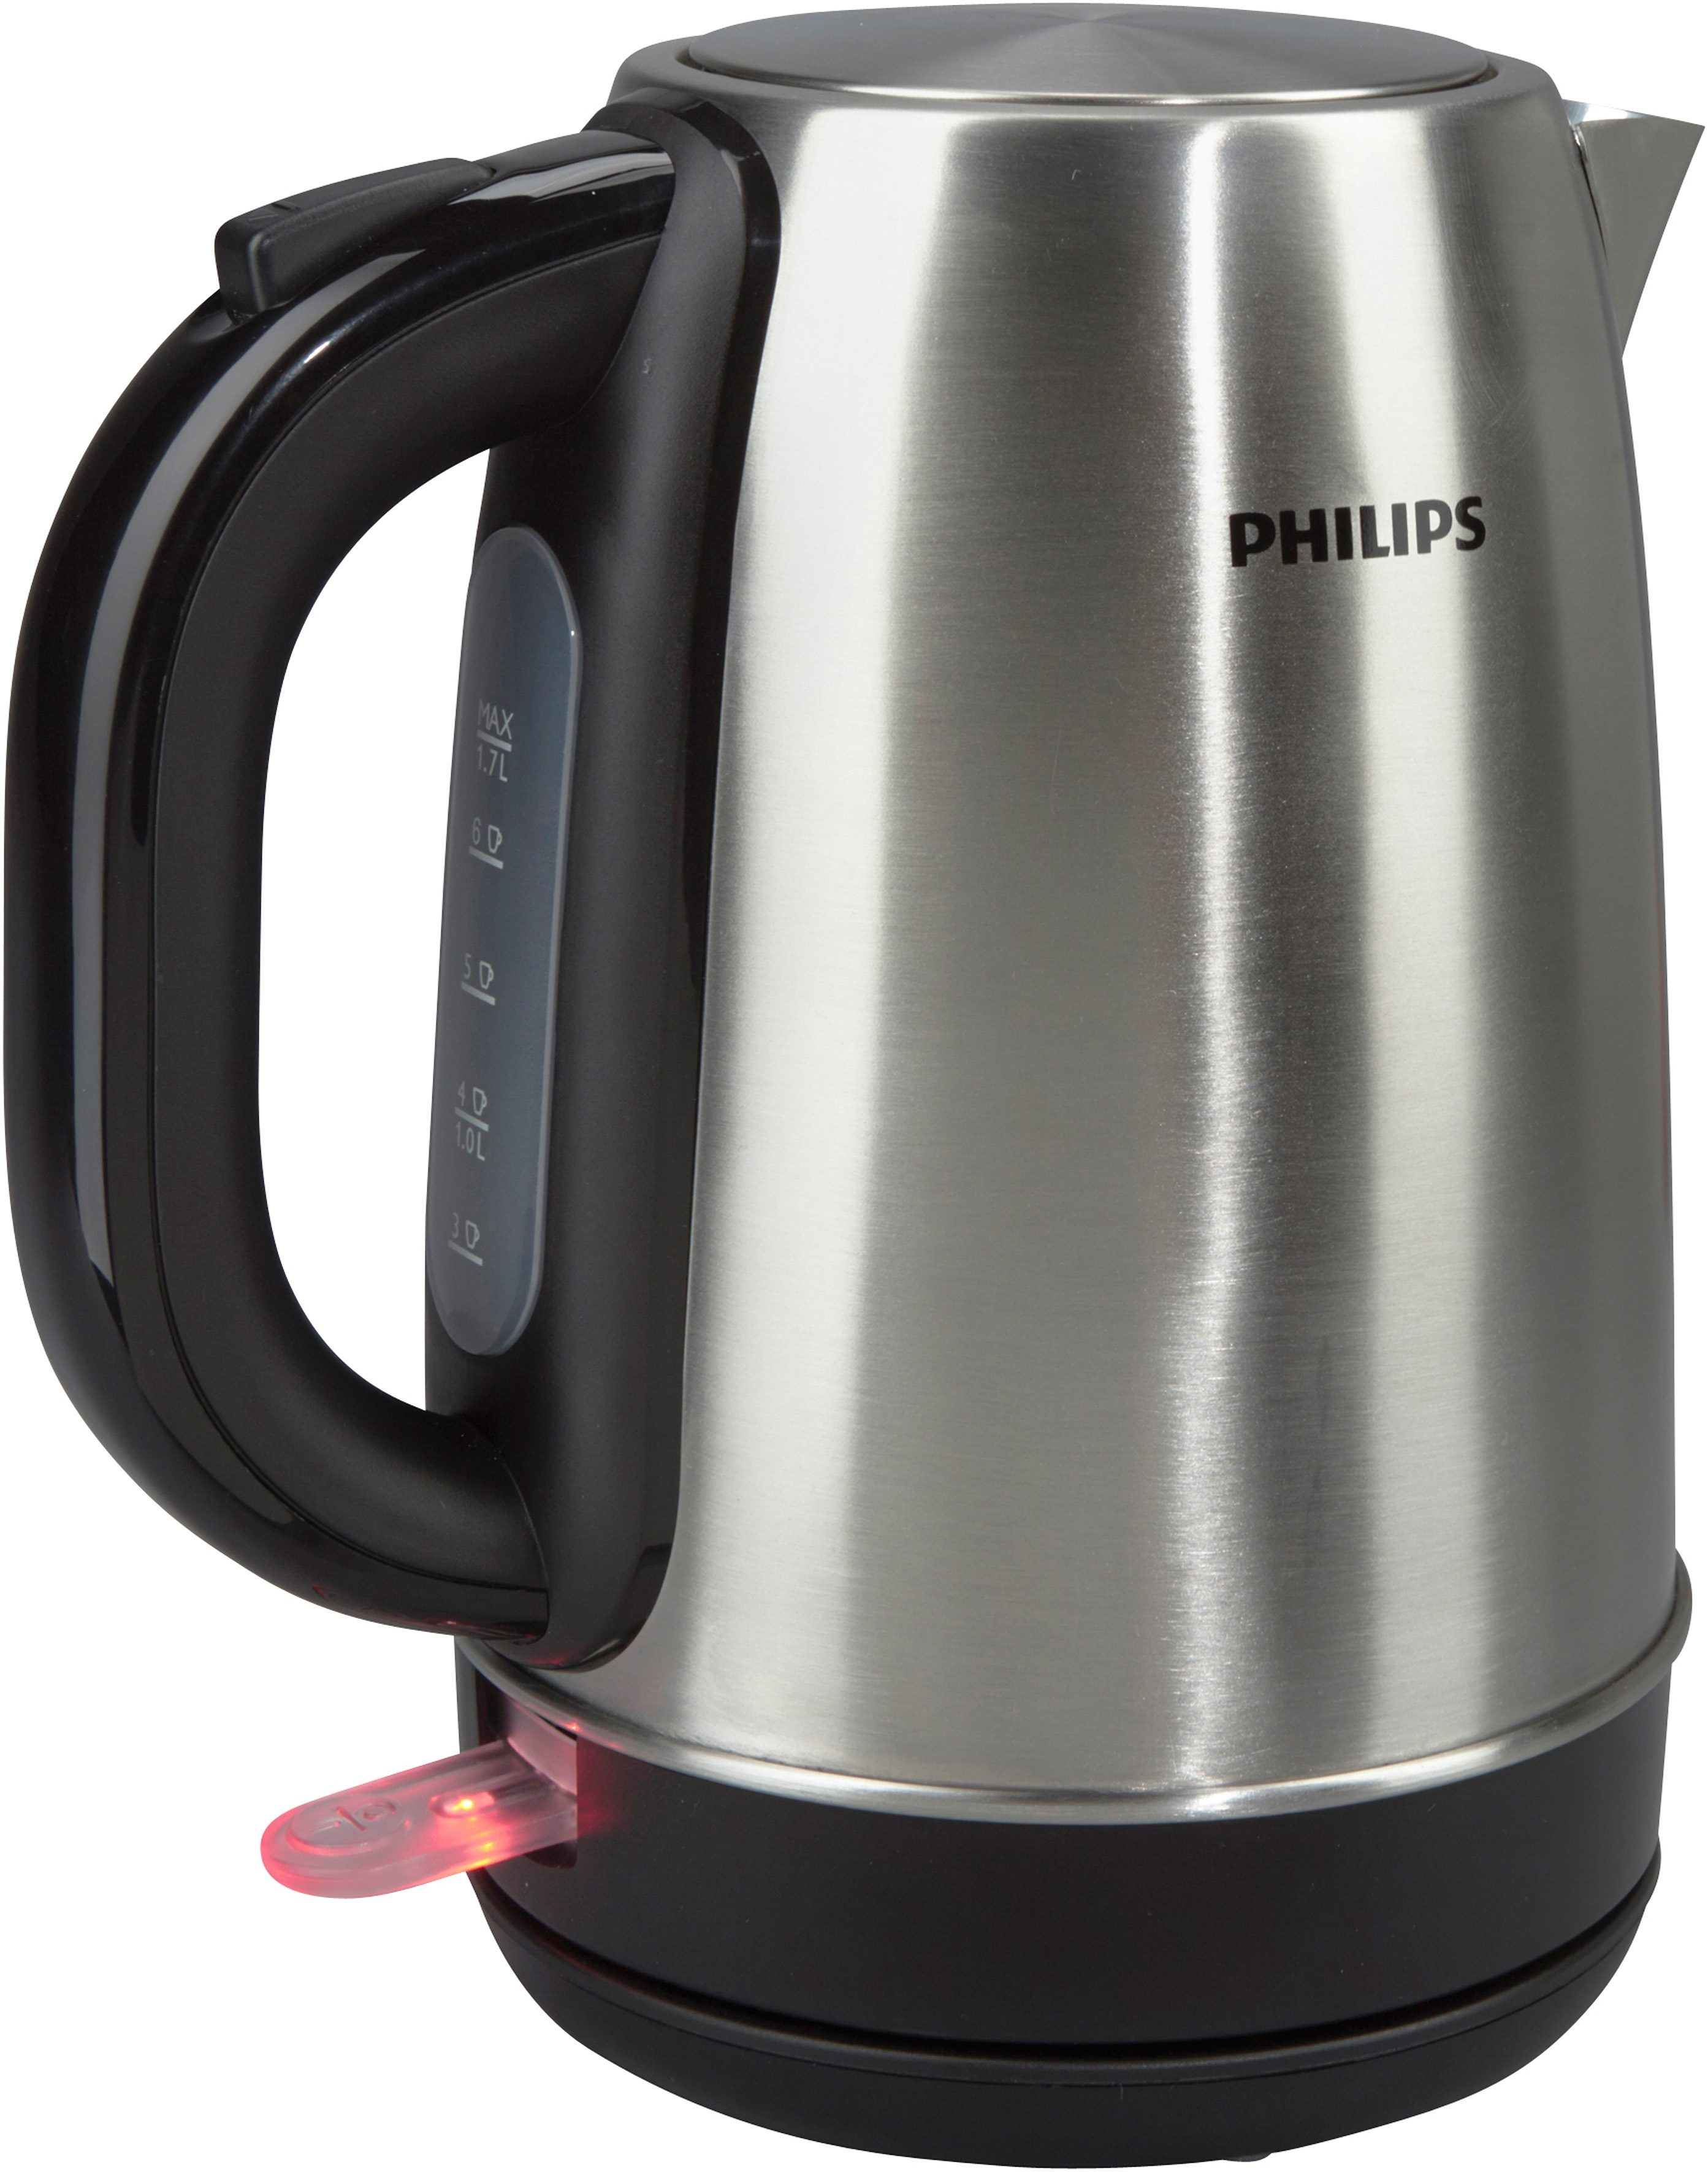 Philips Wasserkocher HD9321/00, 2200 Watt, für 1,7 Liter, Edelstahl